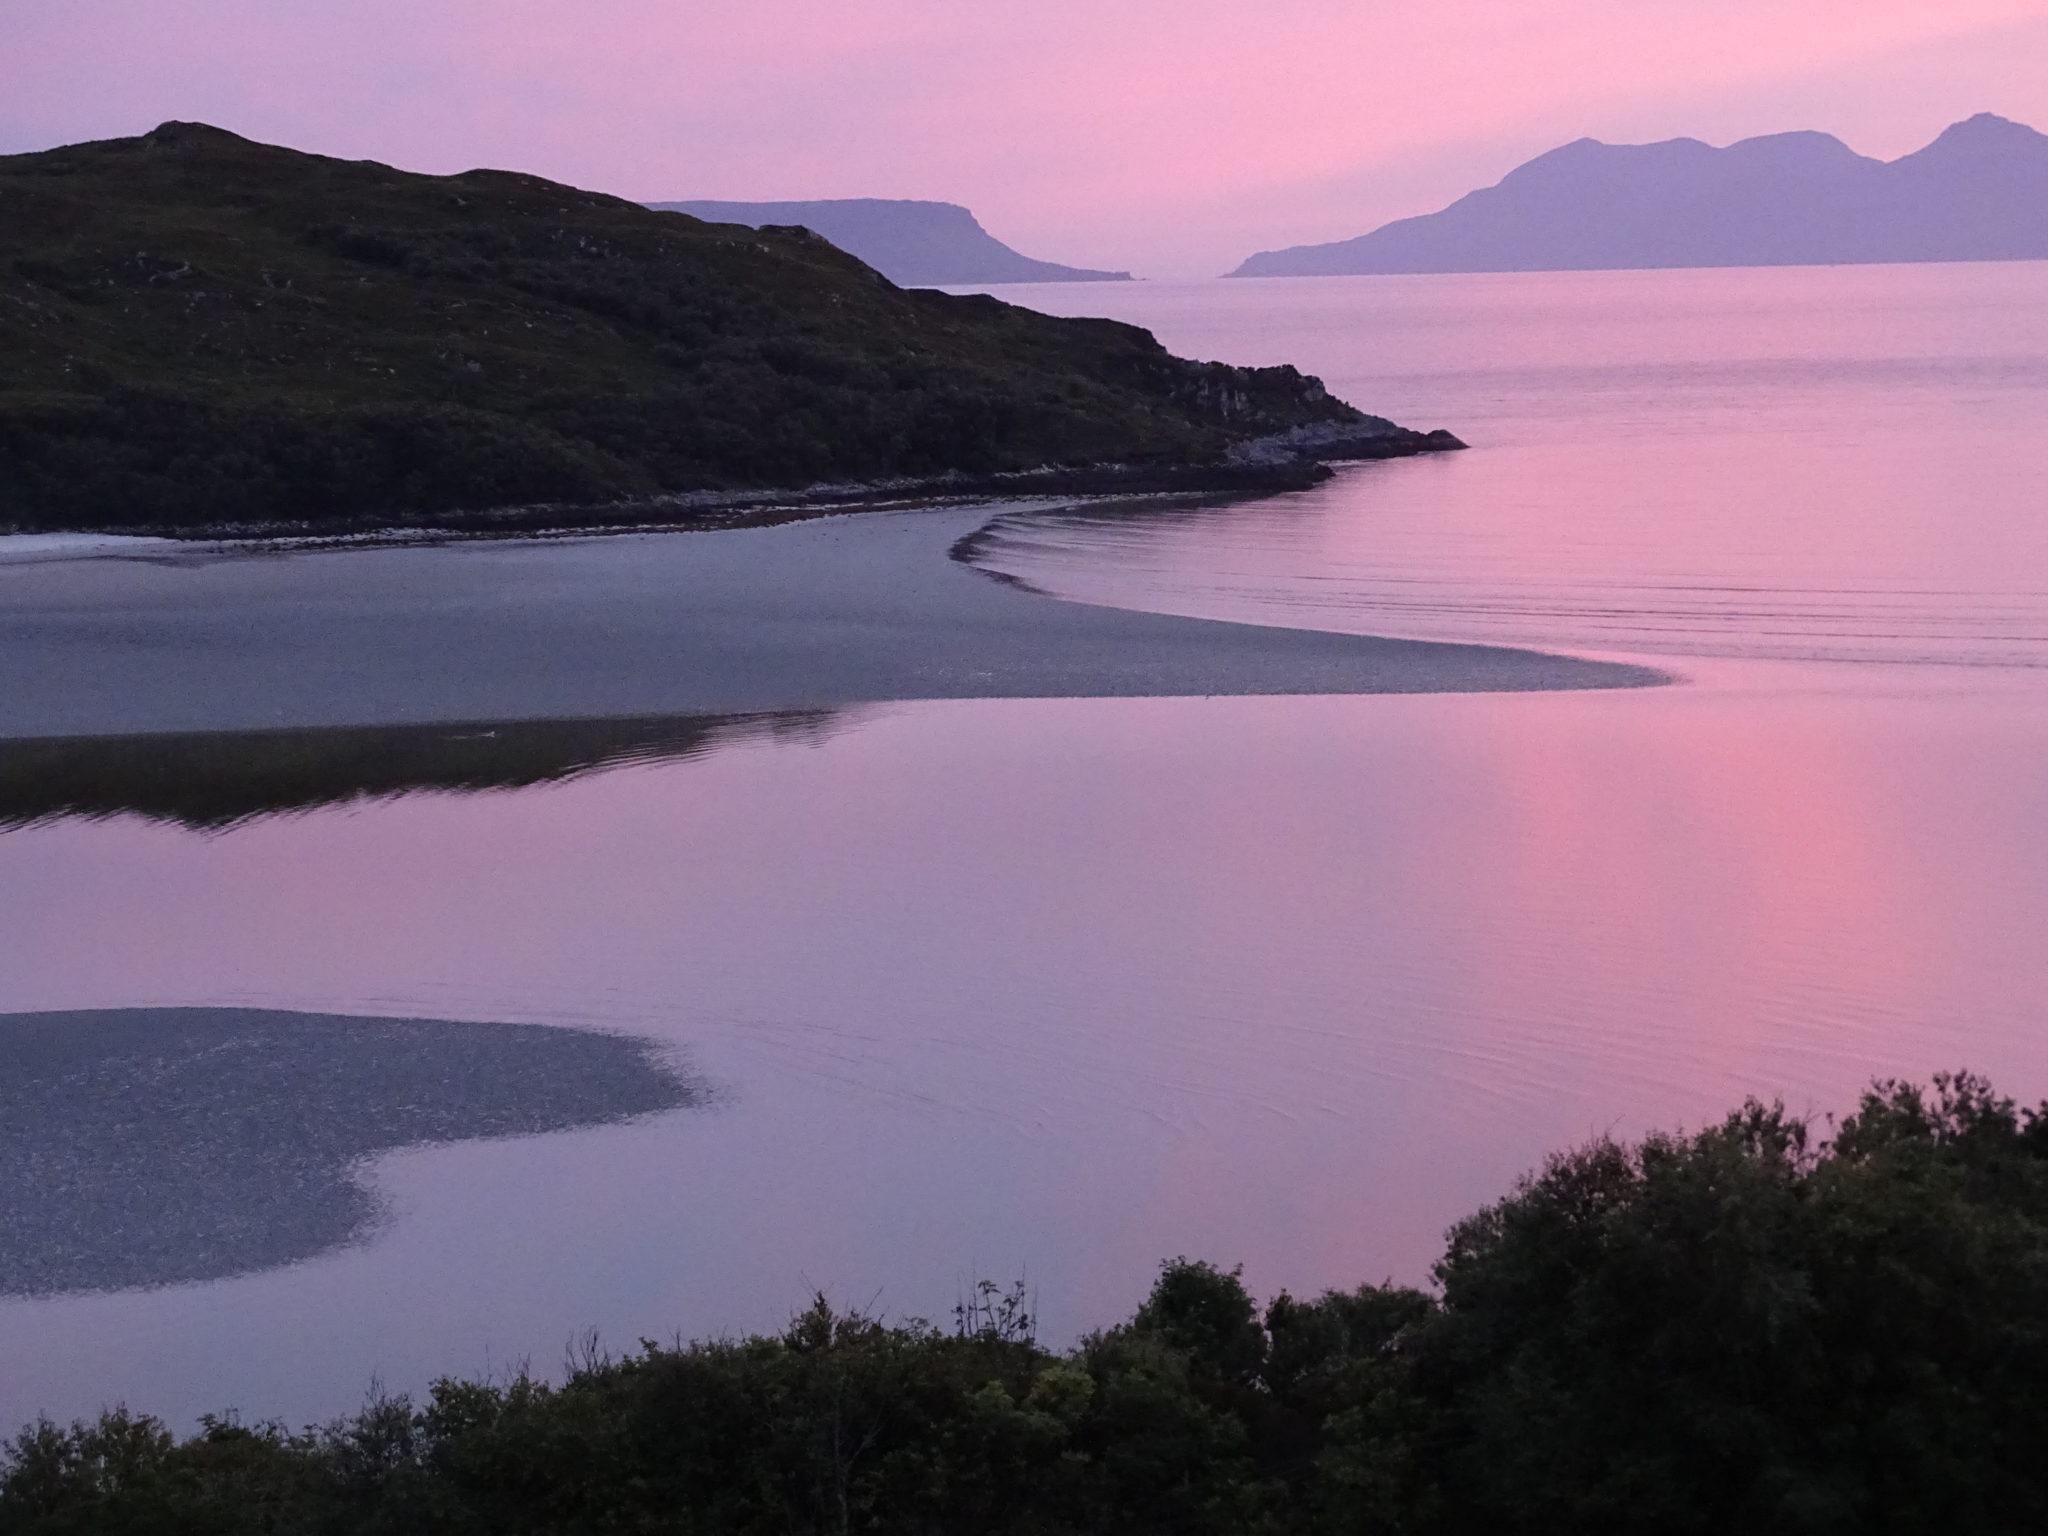 Morar strand evening light